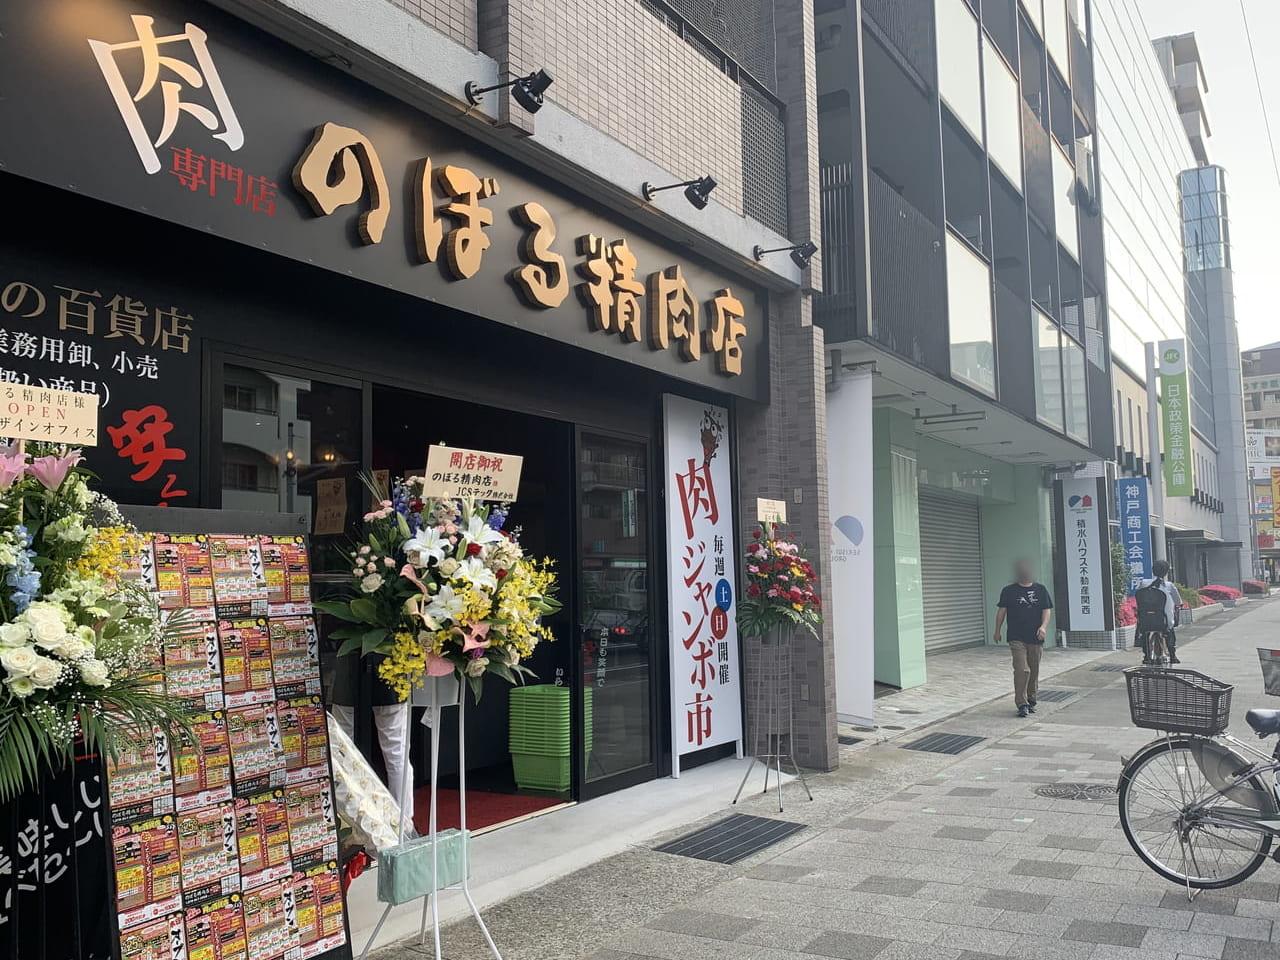 のぼる精肉店